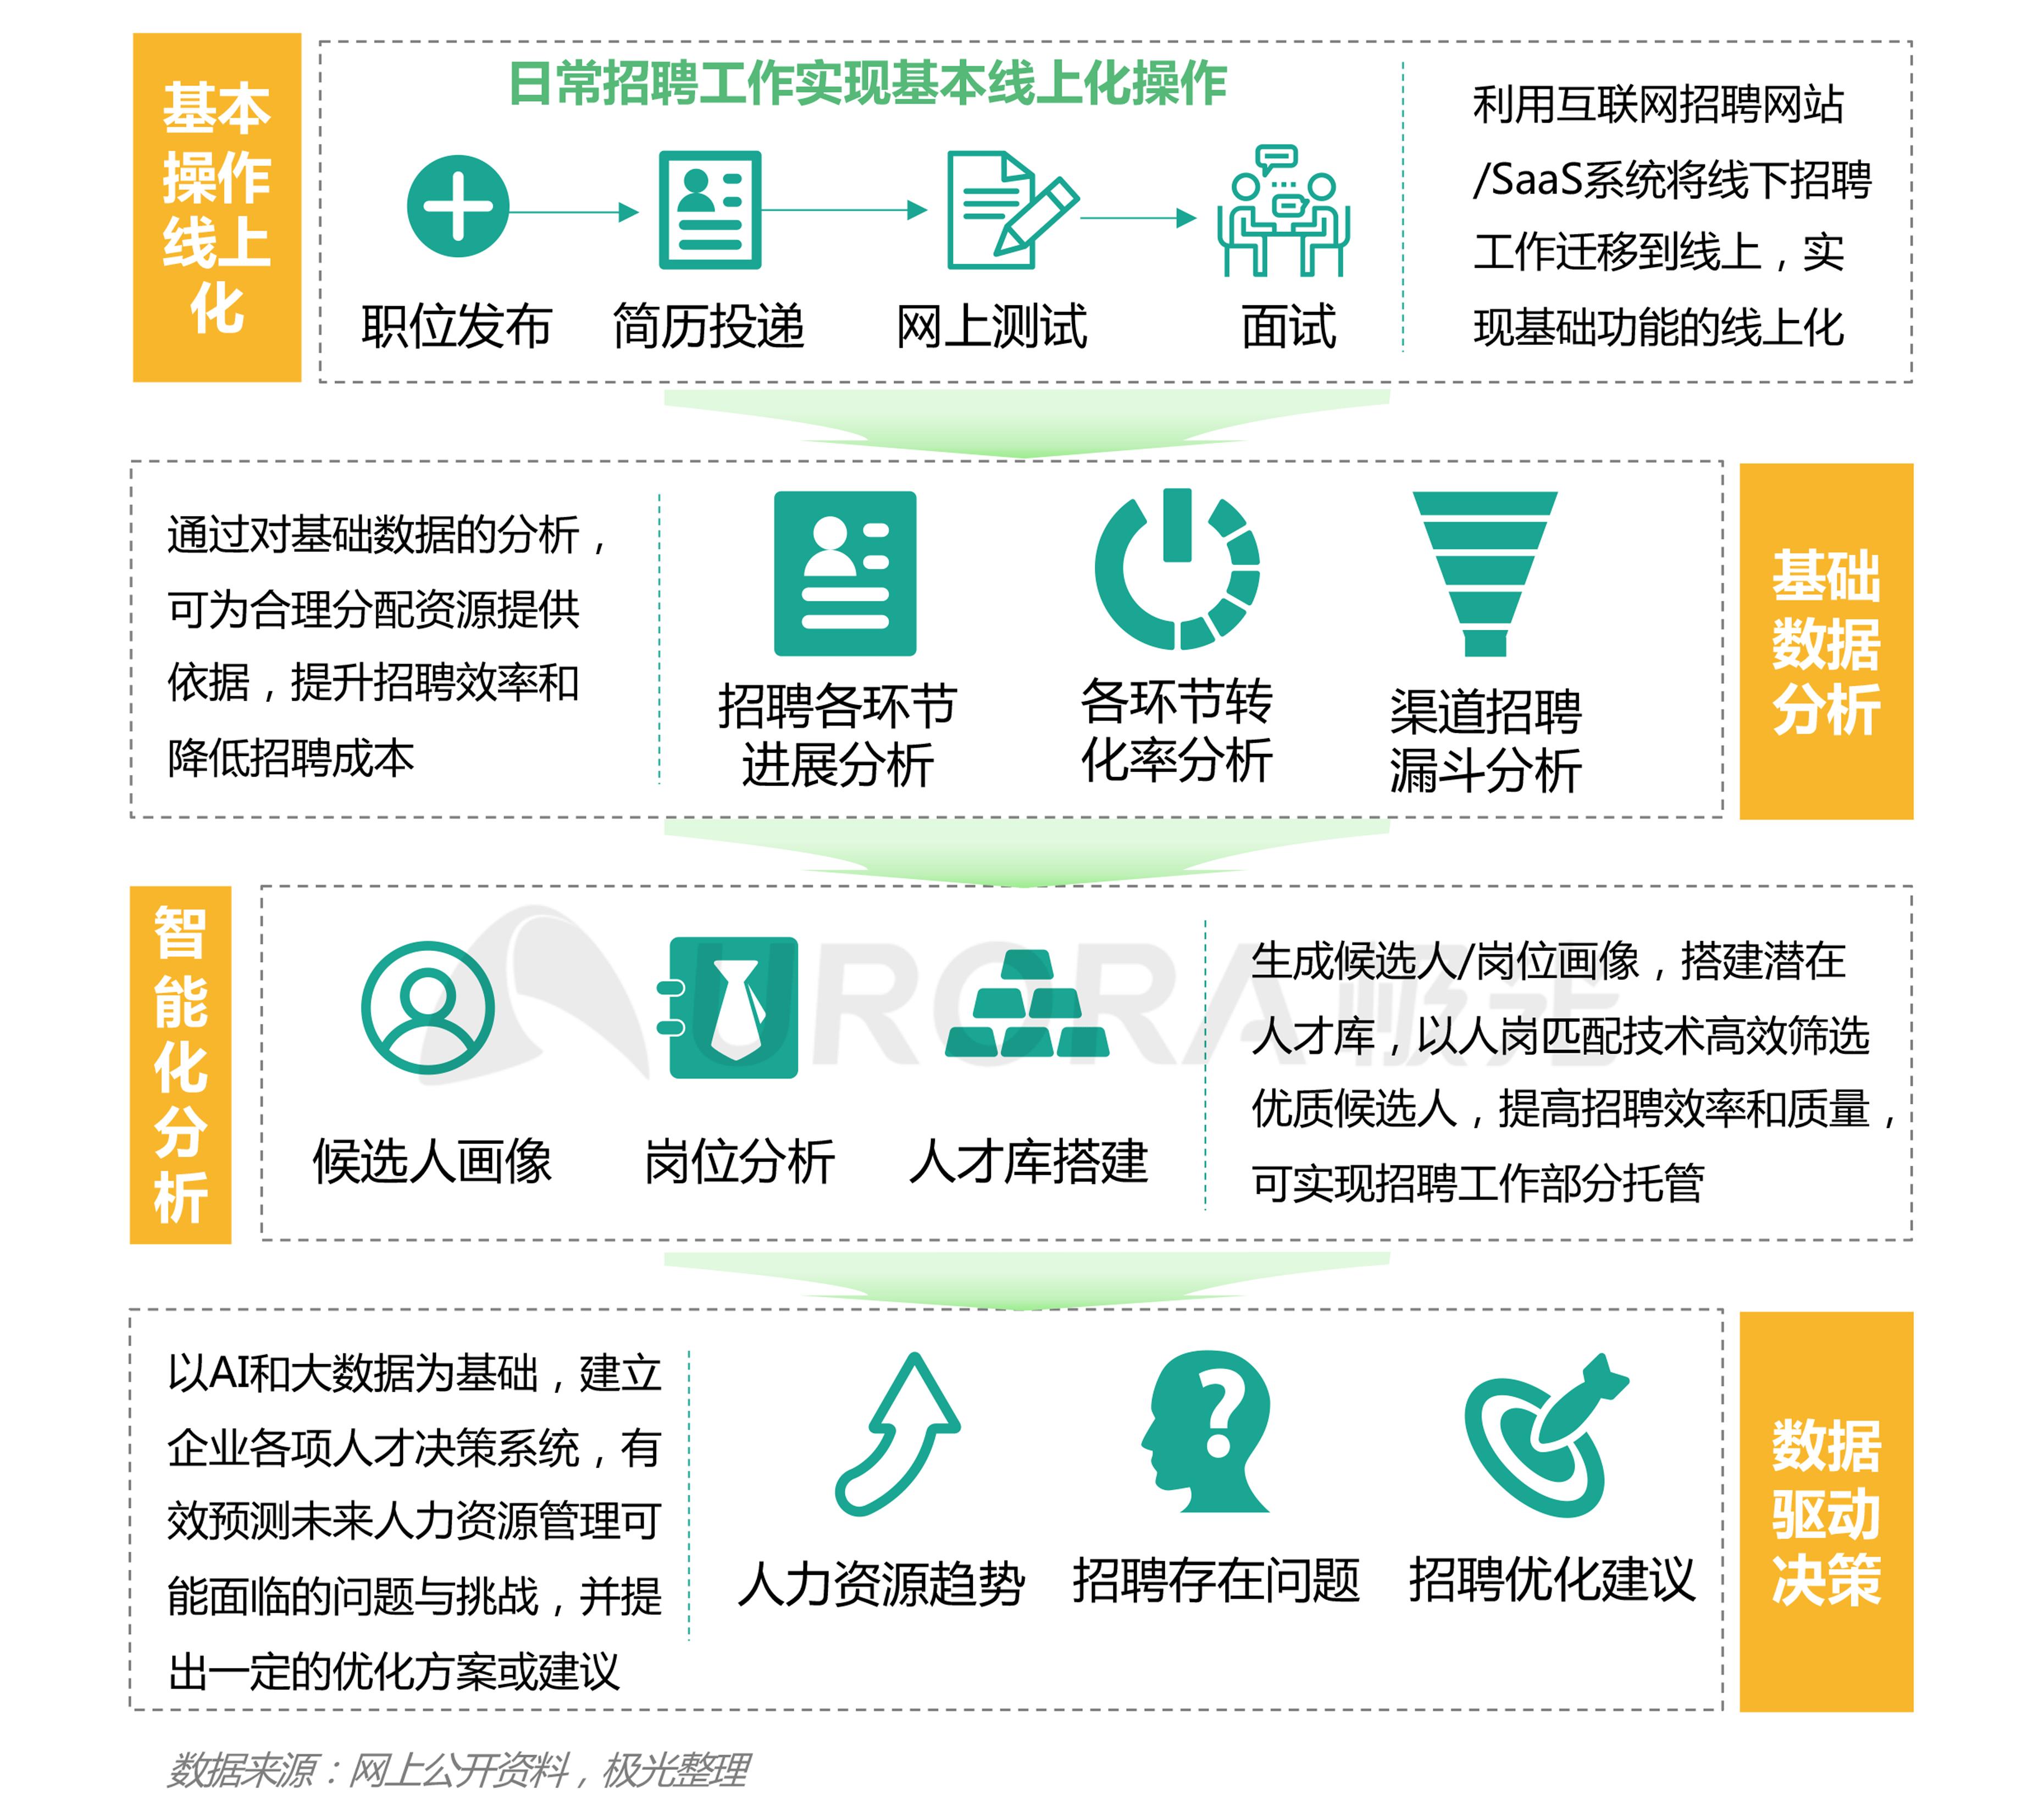 """""""超职季""""招聘行业报告-技术篇 (8).png"""